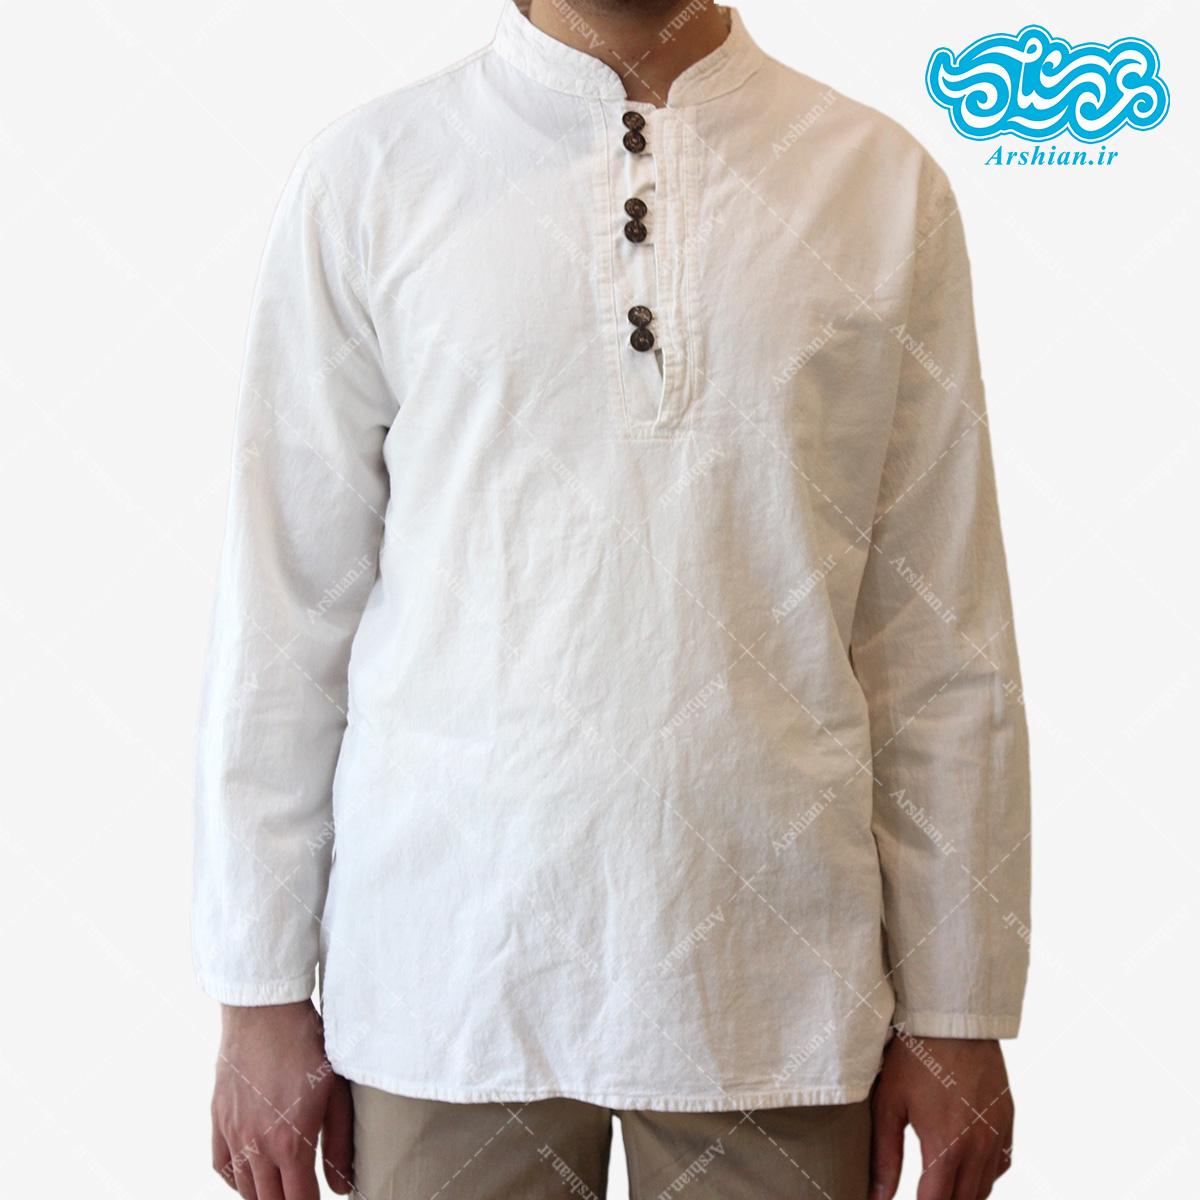 پیراهن الیاف طبیعی طرح شش دکمه مدل se001